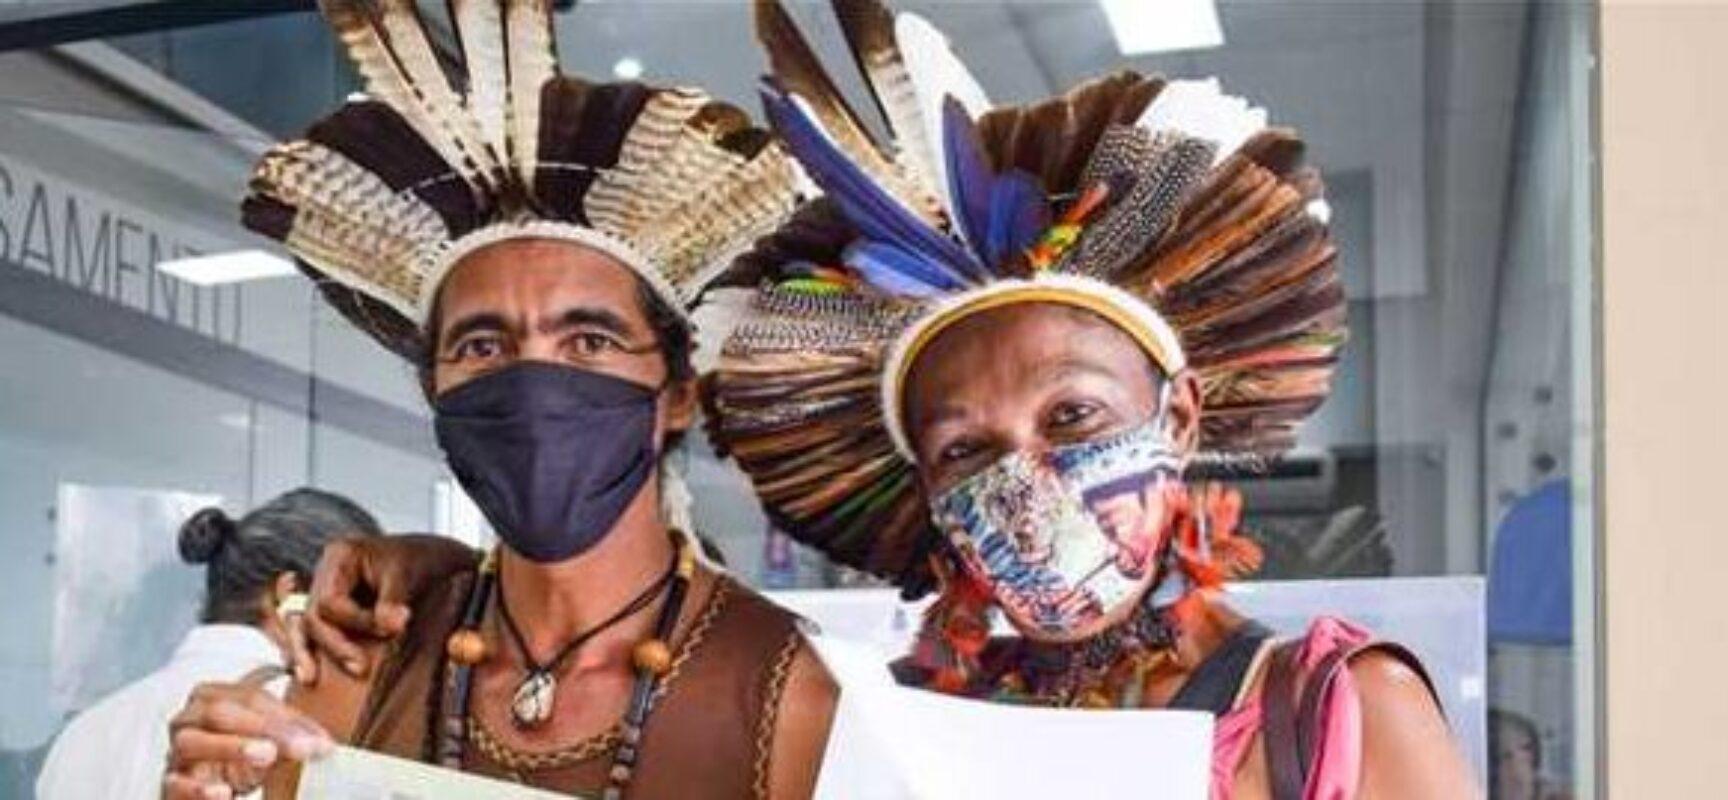 Com apoio da Prefeitura de Ilhéus, casal consegue incluir sobrenome indígena nos documentos